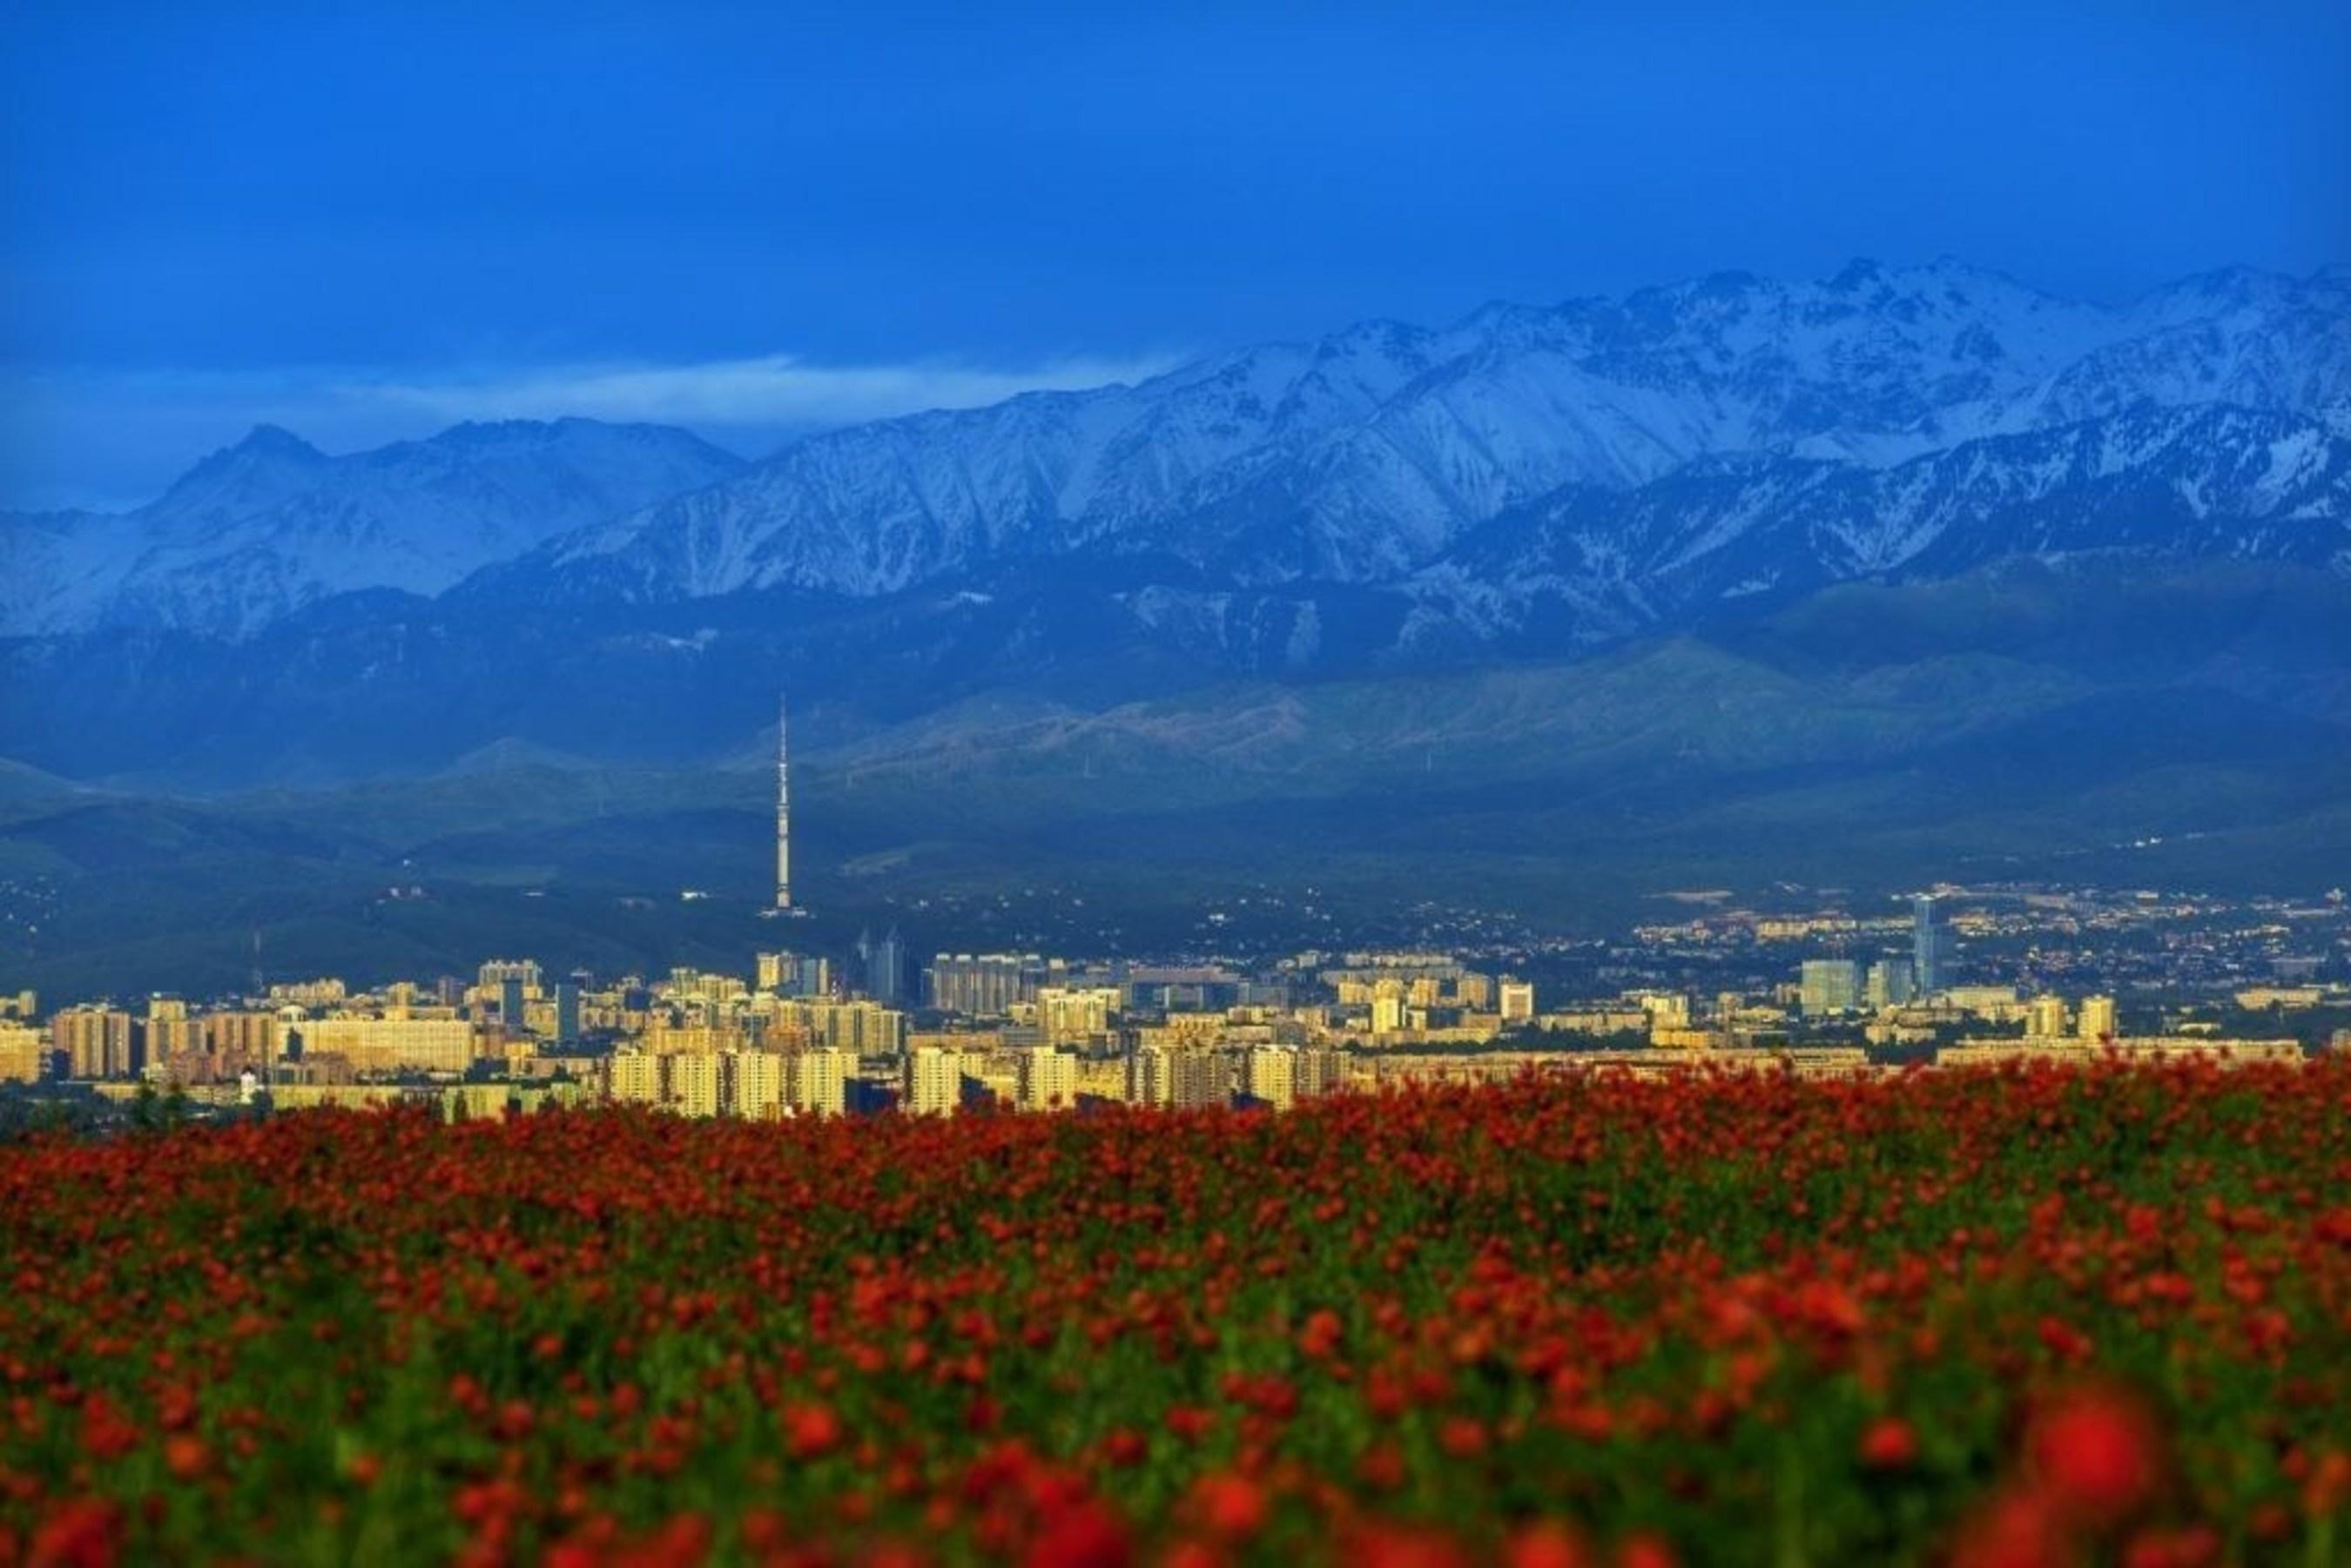 Almaty 2022 promete o mais responsável, conveniente e sustentável conceito de Jogos de Inverno em